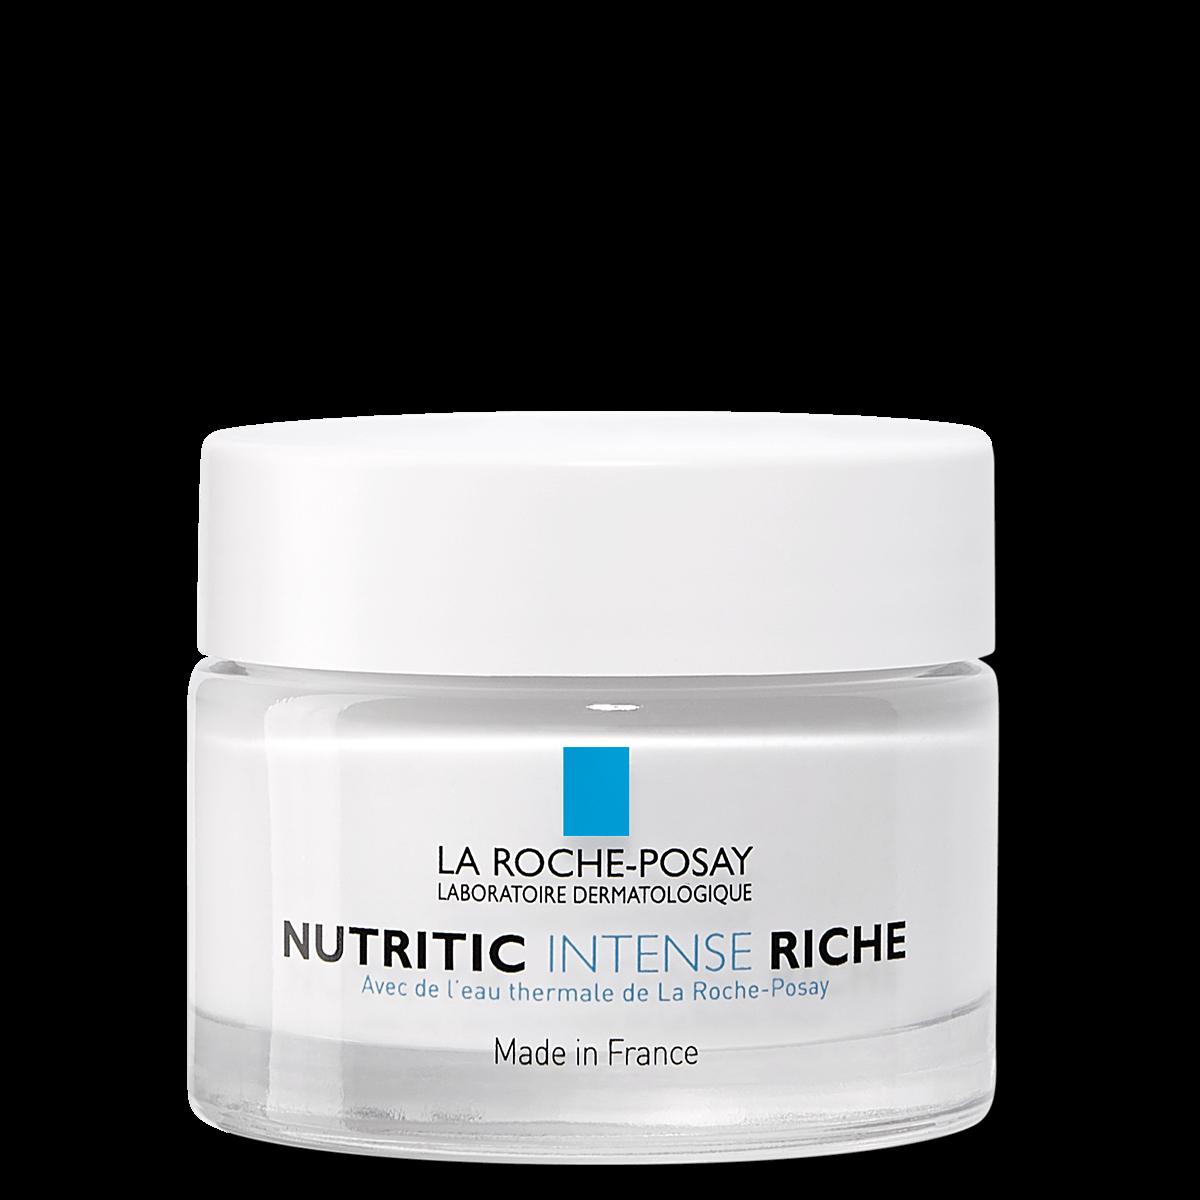 La Roche Posay Tuotesivu Kasvojenhoito Nutritic Intense Rich Cream 50ml